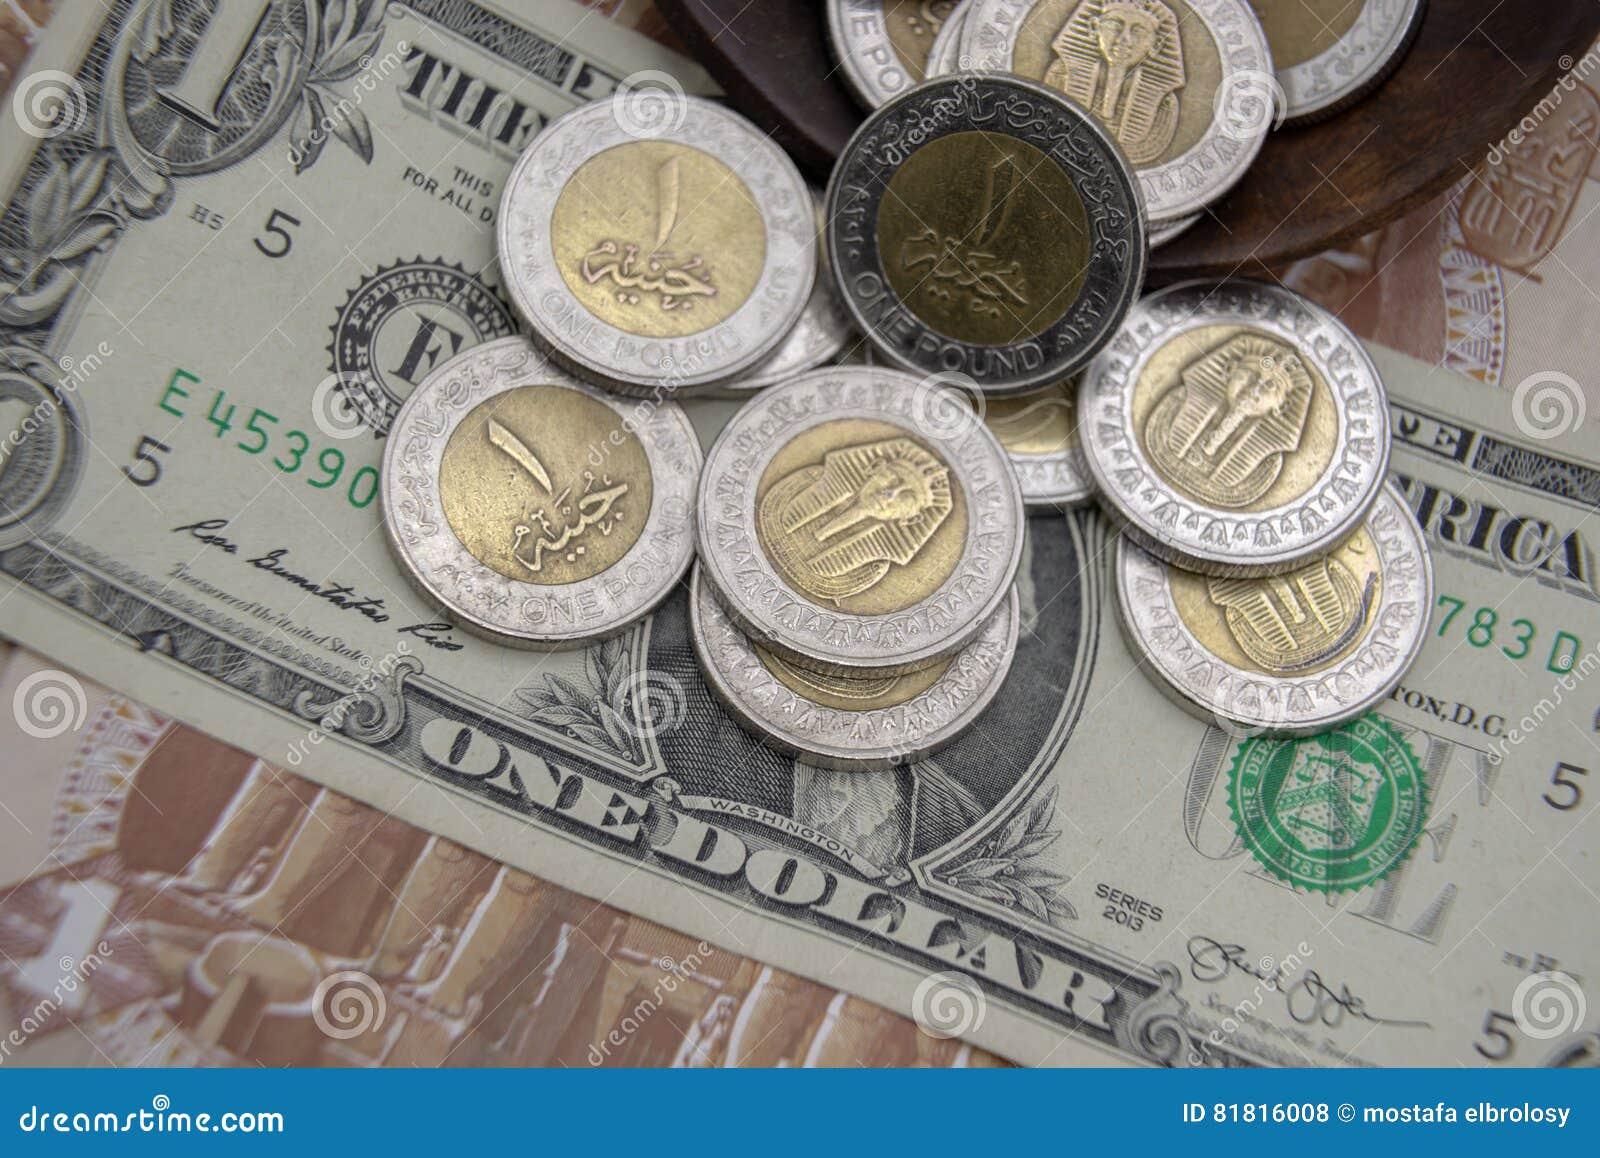 golden und versilbern sie die münzen 1 des ägyptischen pfunds